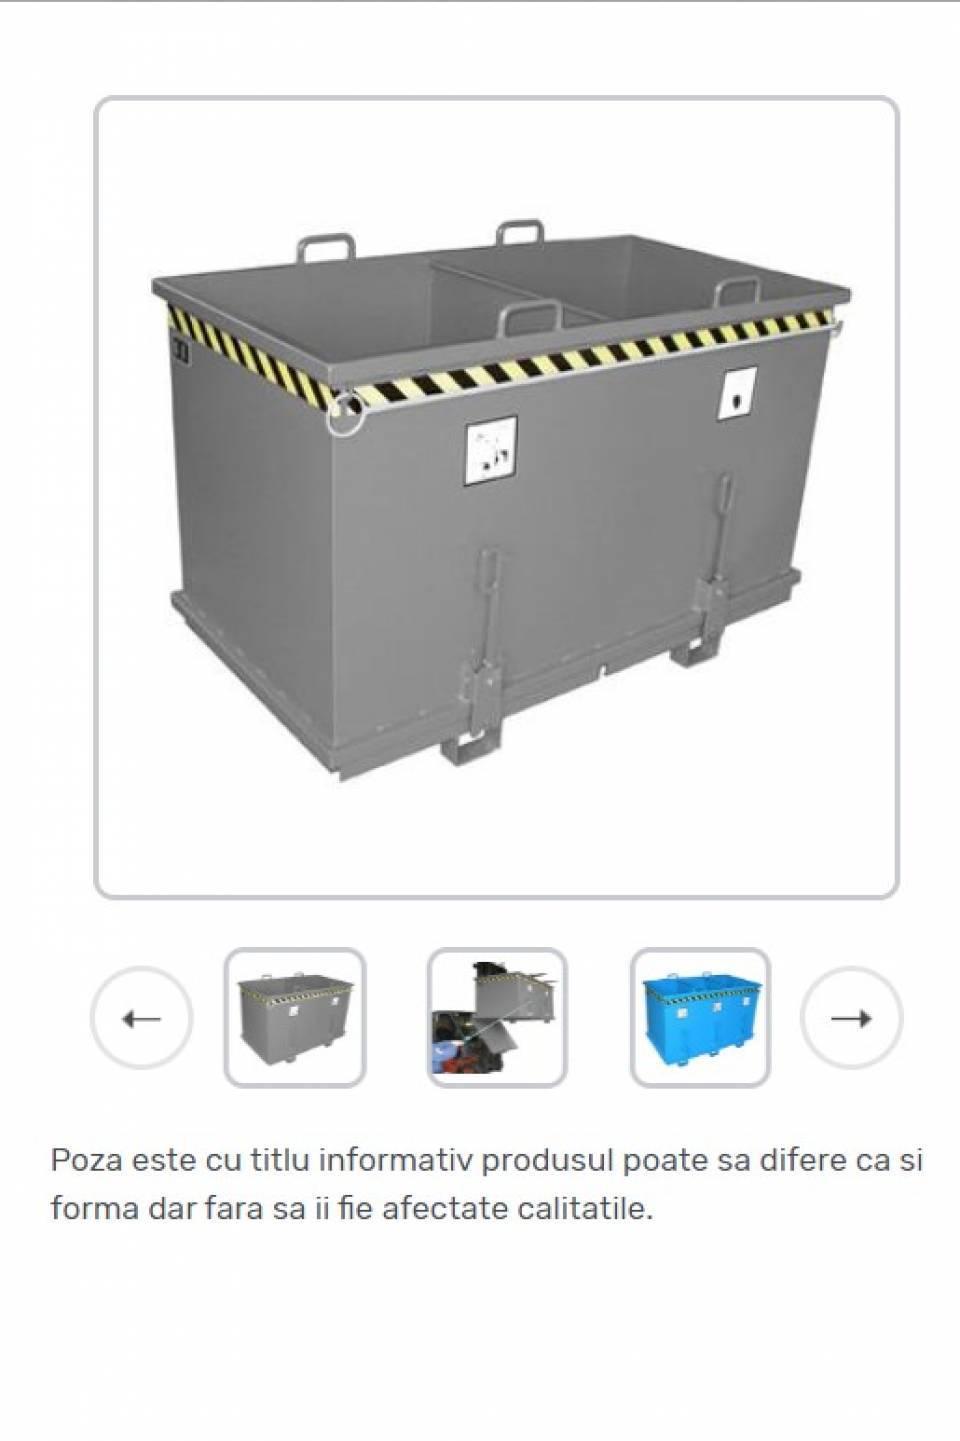 Container cu fund basculant pentru colectare selectiva42185